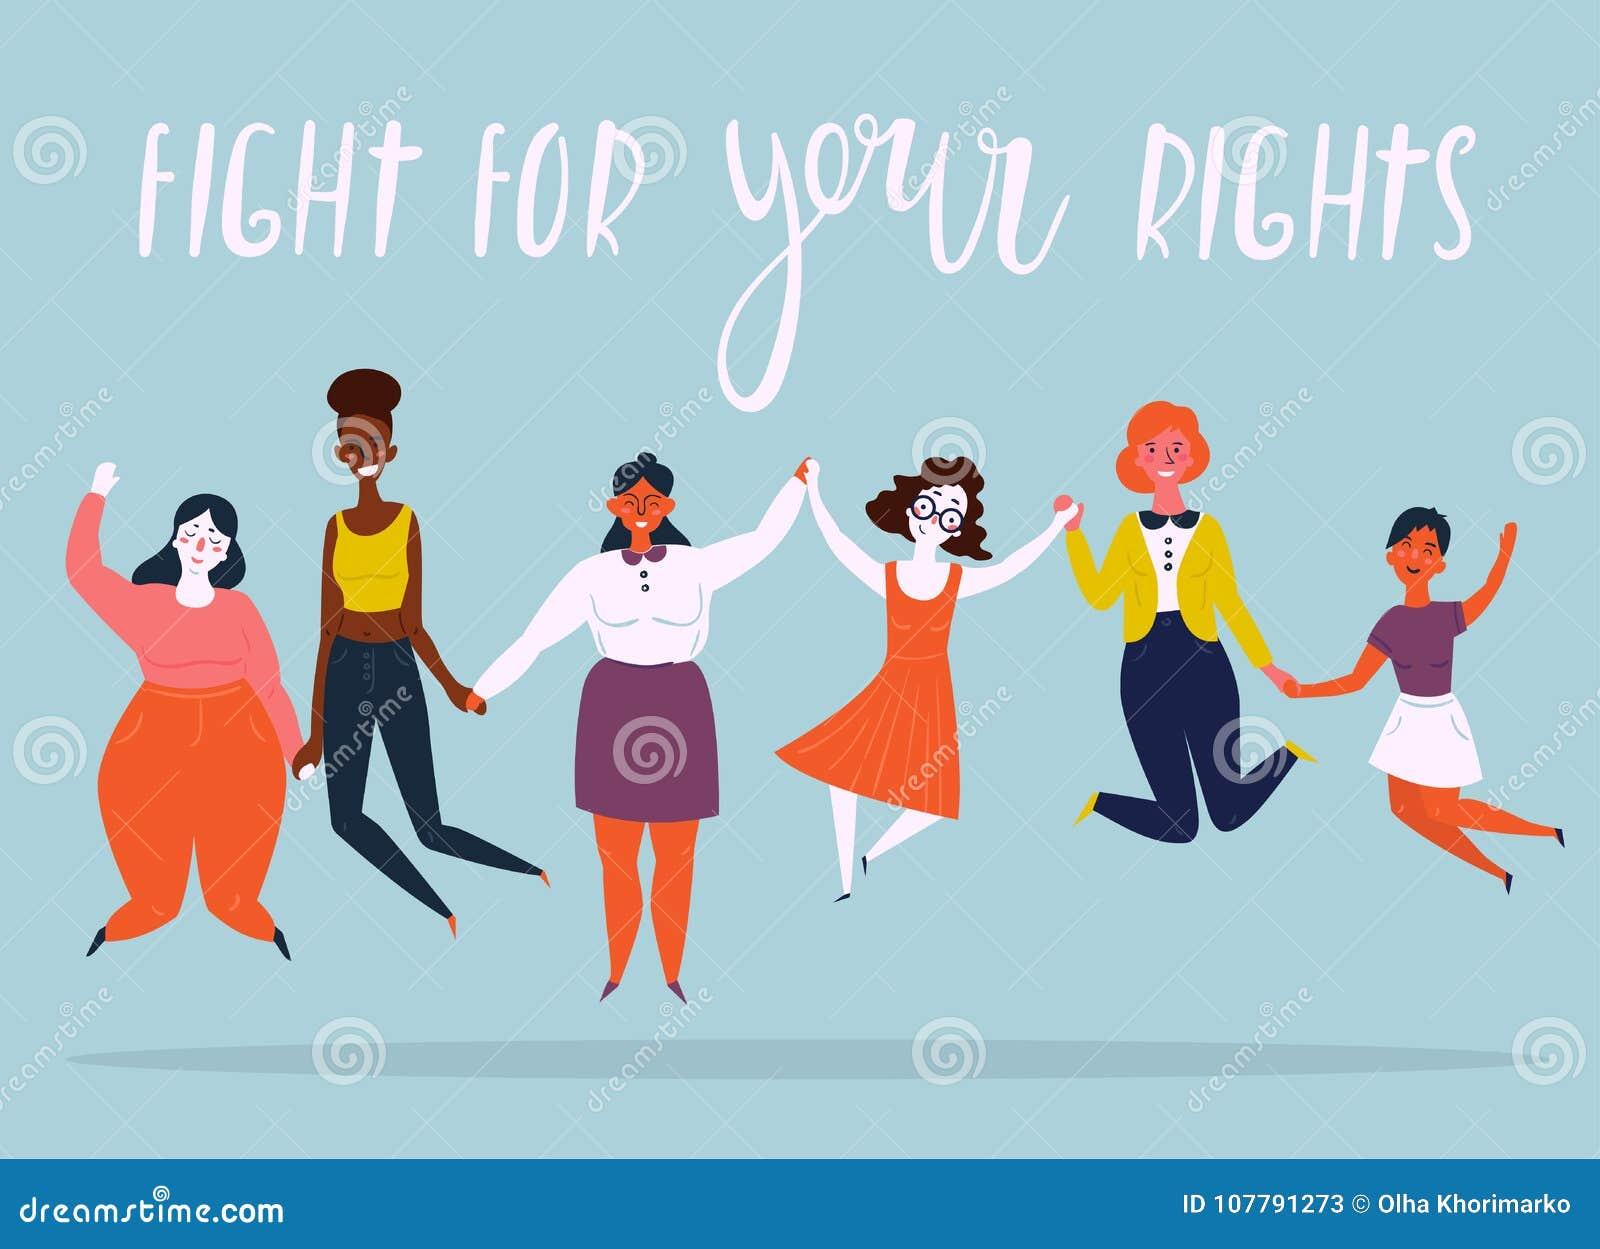 Ilustracja różnorodna grupa skokowe kobiety